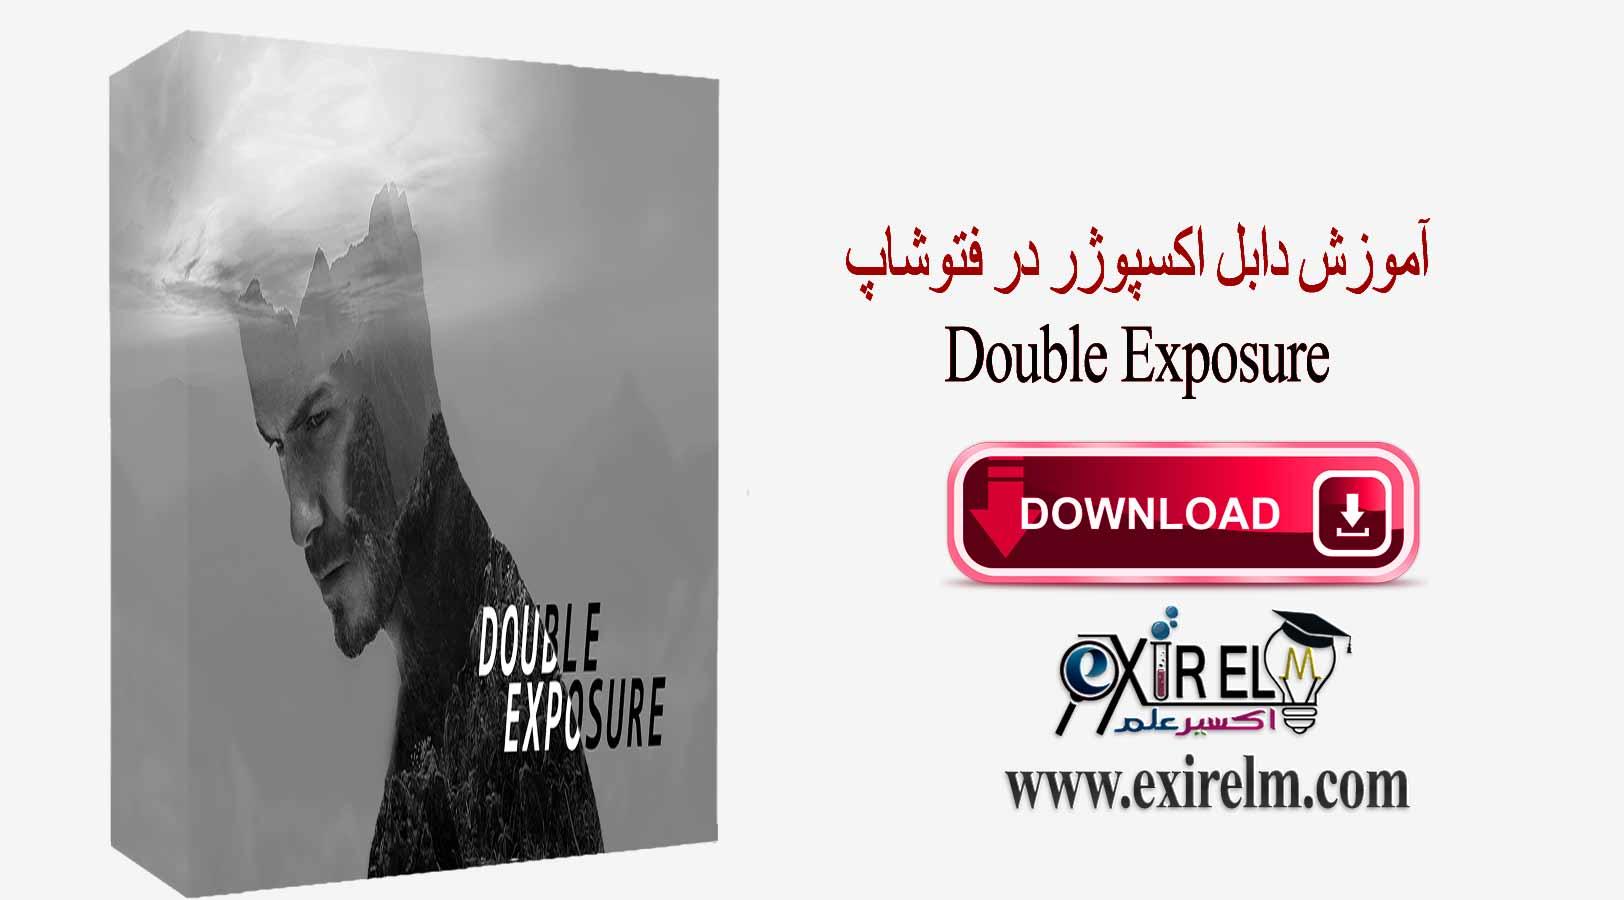 آموزش ساخت تصویر Double Exposure